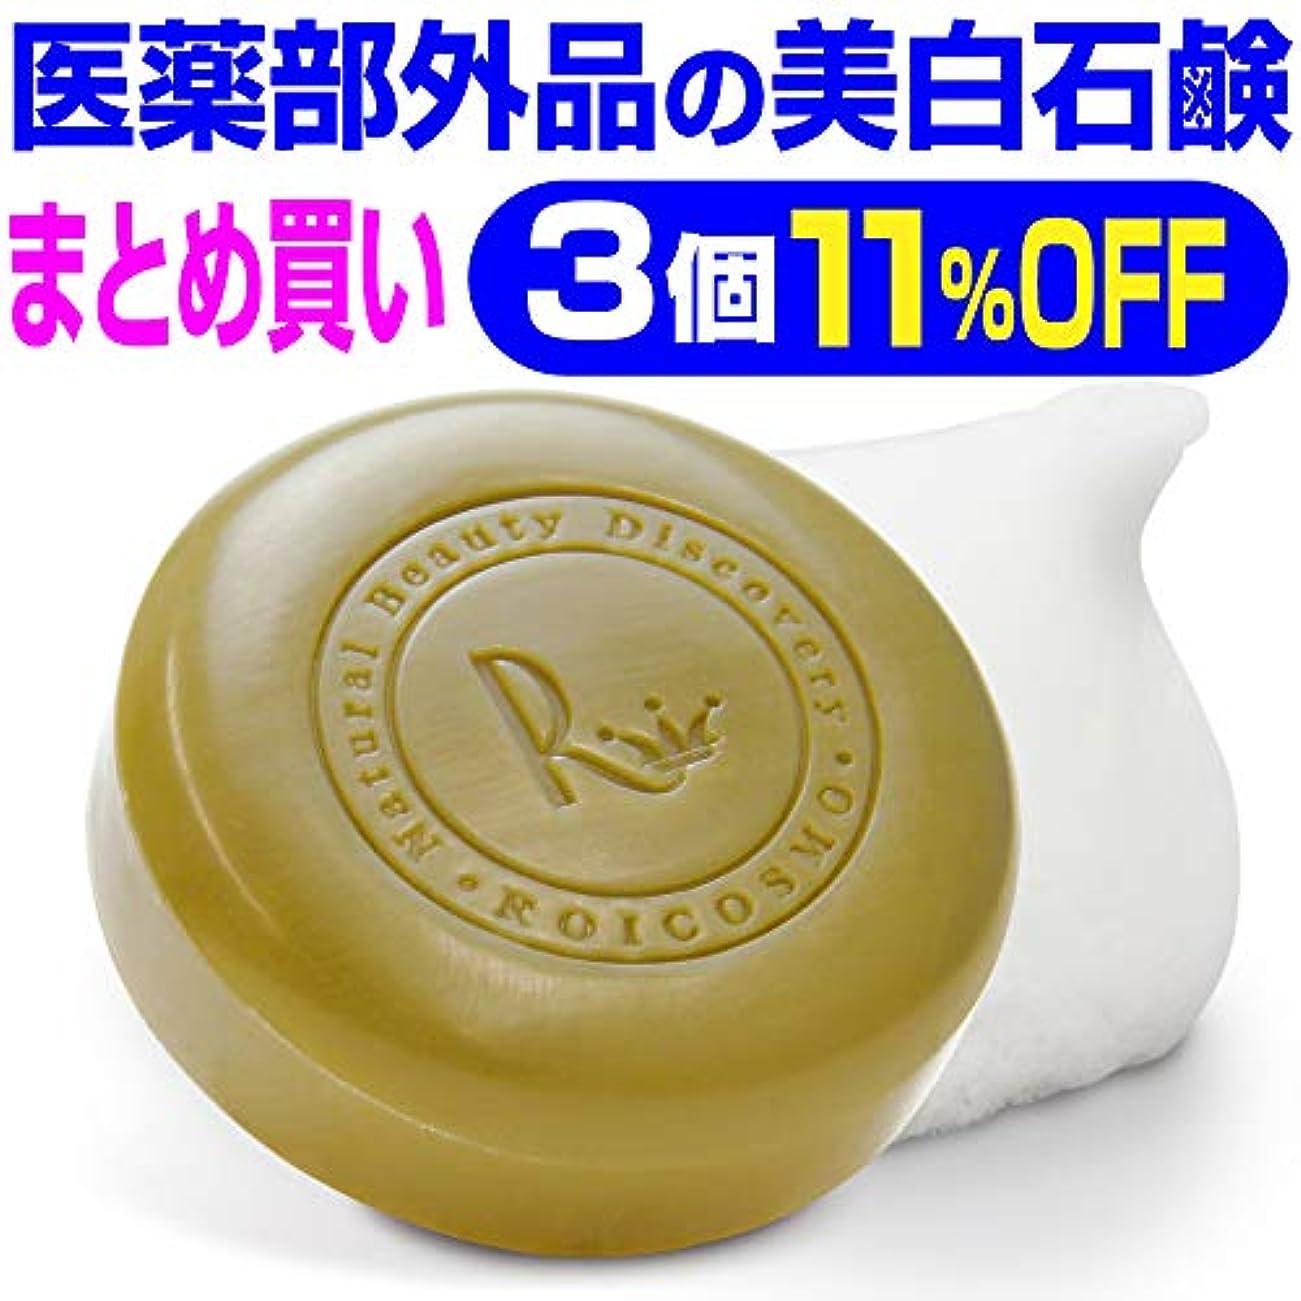 車どのくらいの頻度で可能にする3個まとめ買い11%OFF 美白石鹸/ビタミンC270倍の美白成分配合の 洗顔石鹸『ホワイトソープ100g×3個』